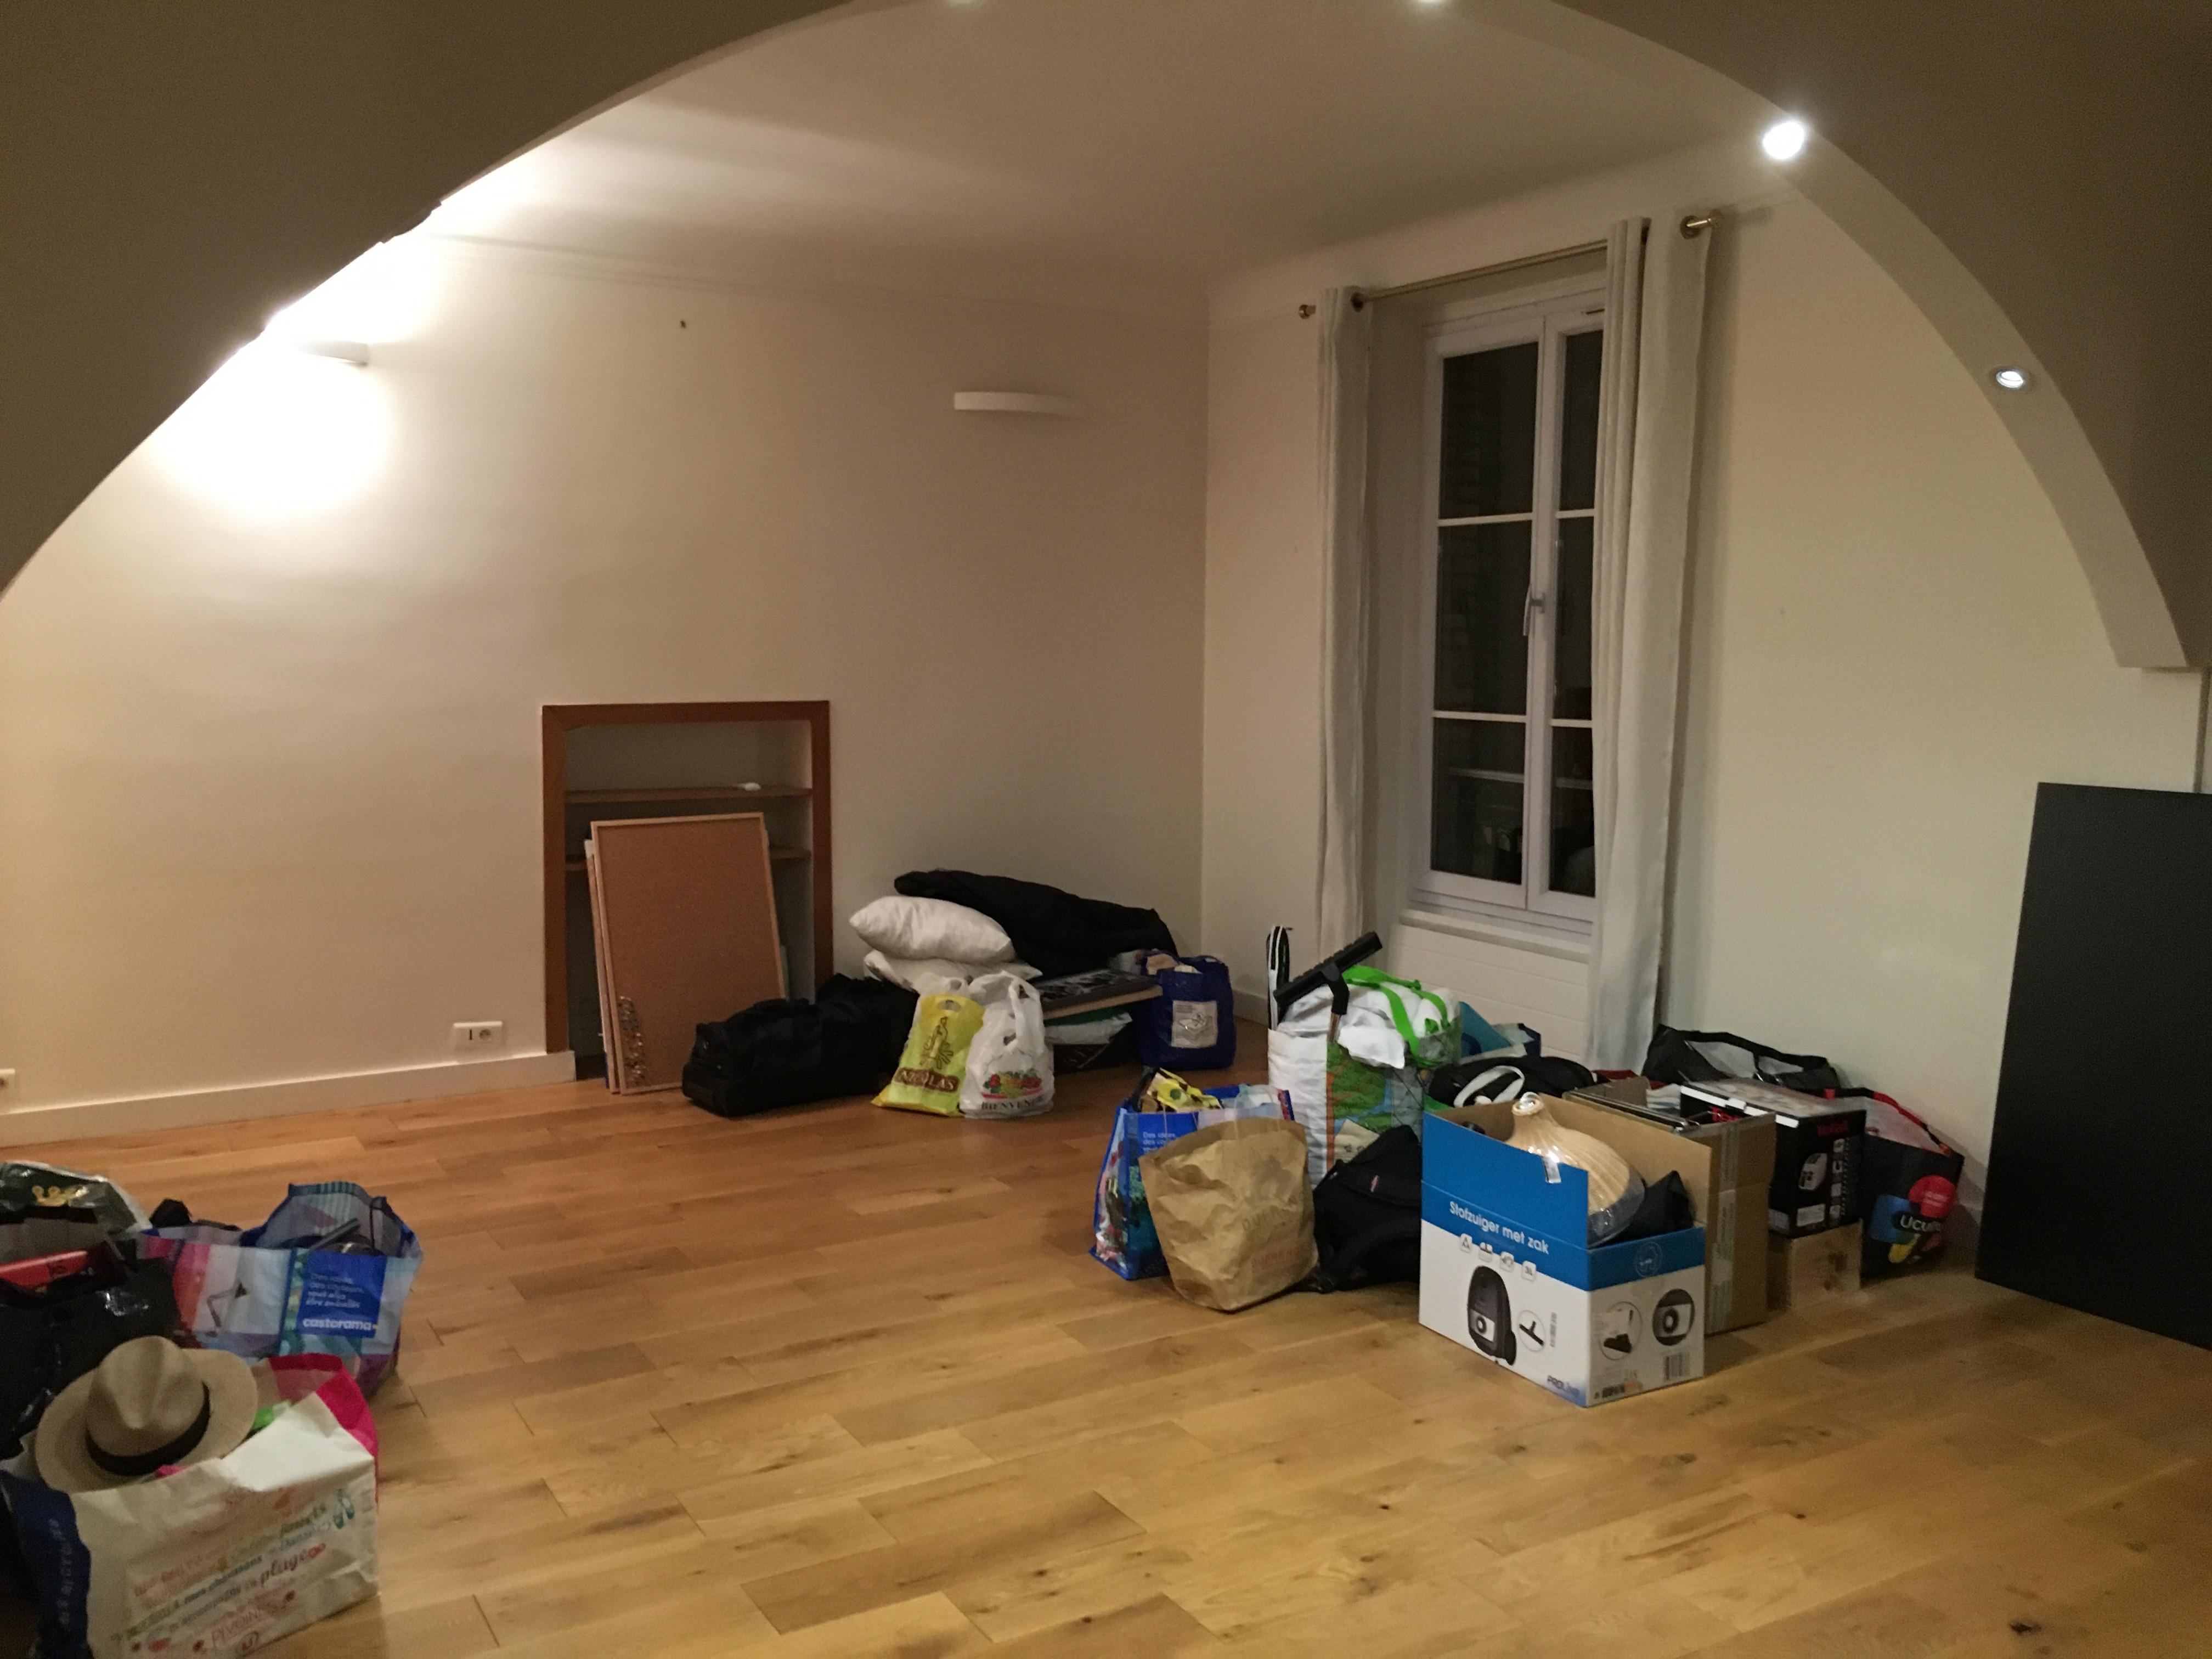 Photo de la pièce de vie de l'ancien appartement avant de faire appel à Archibien